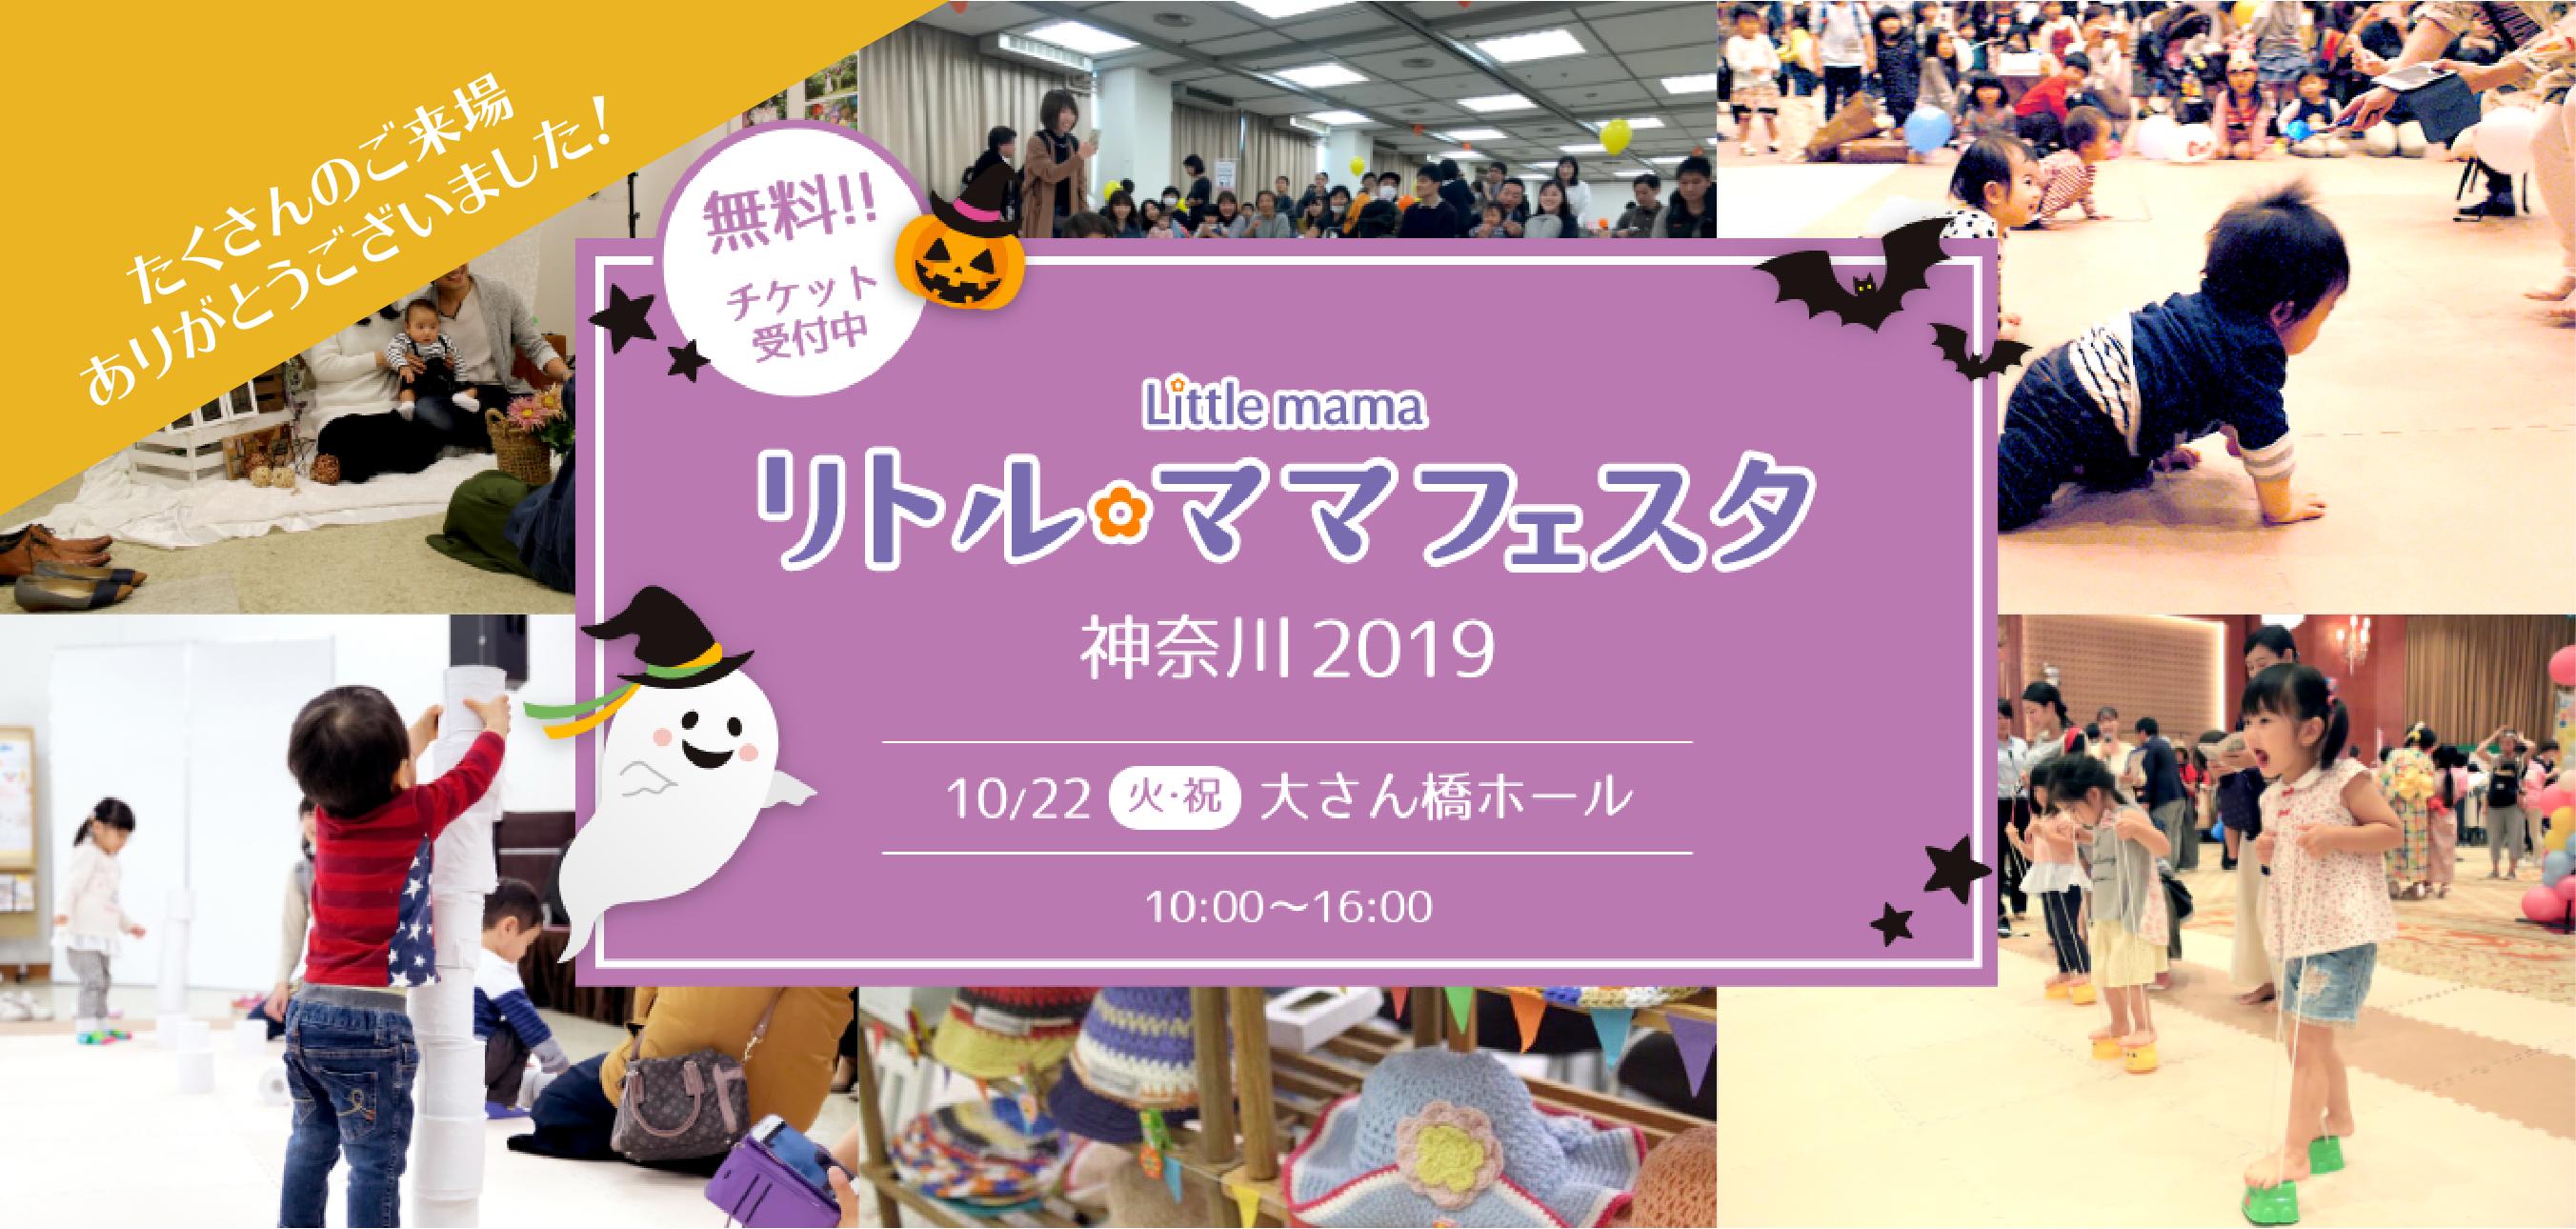 リトル・ママフェスタ神奈川2019